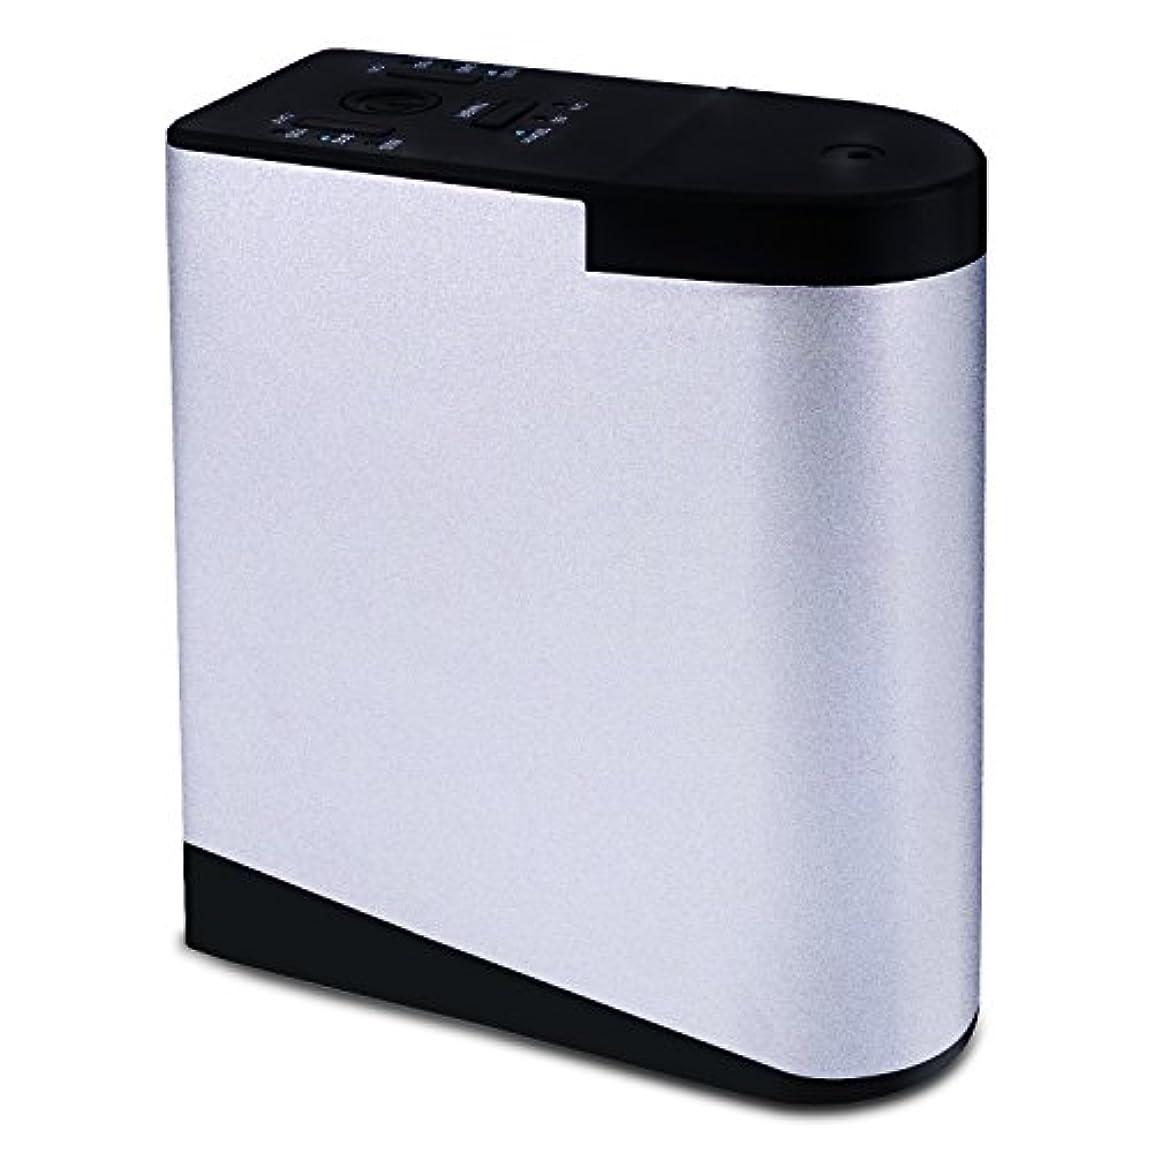 温度計重要ホラーENERG e's Memory アロマディフューザー メモリー・タイマー機能 ネブライザー式 精油瓶2個スポイト付き T11-EN098